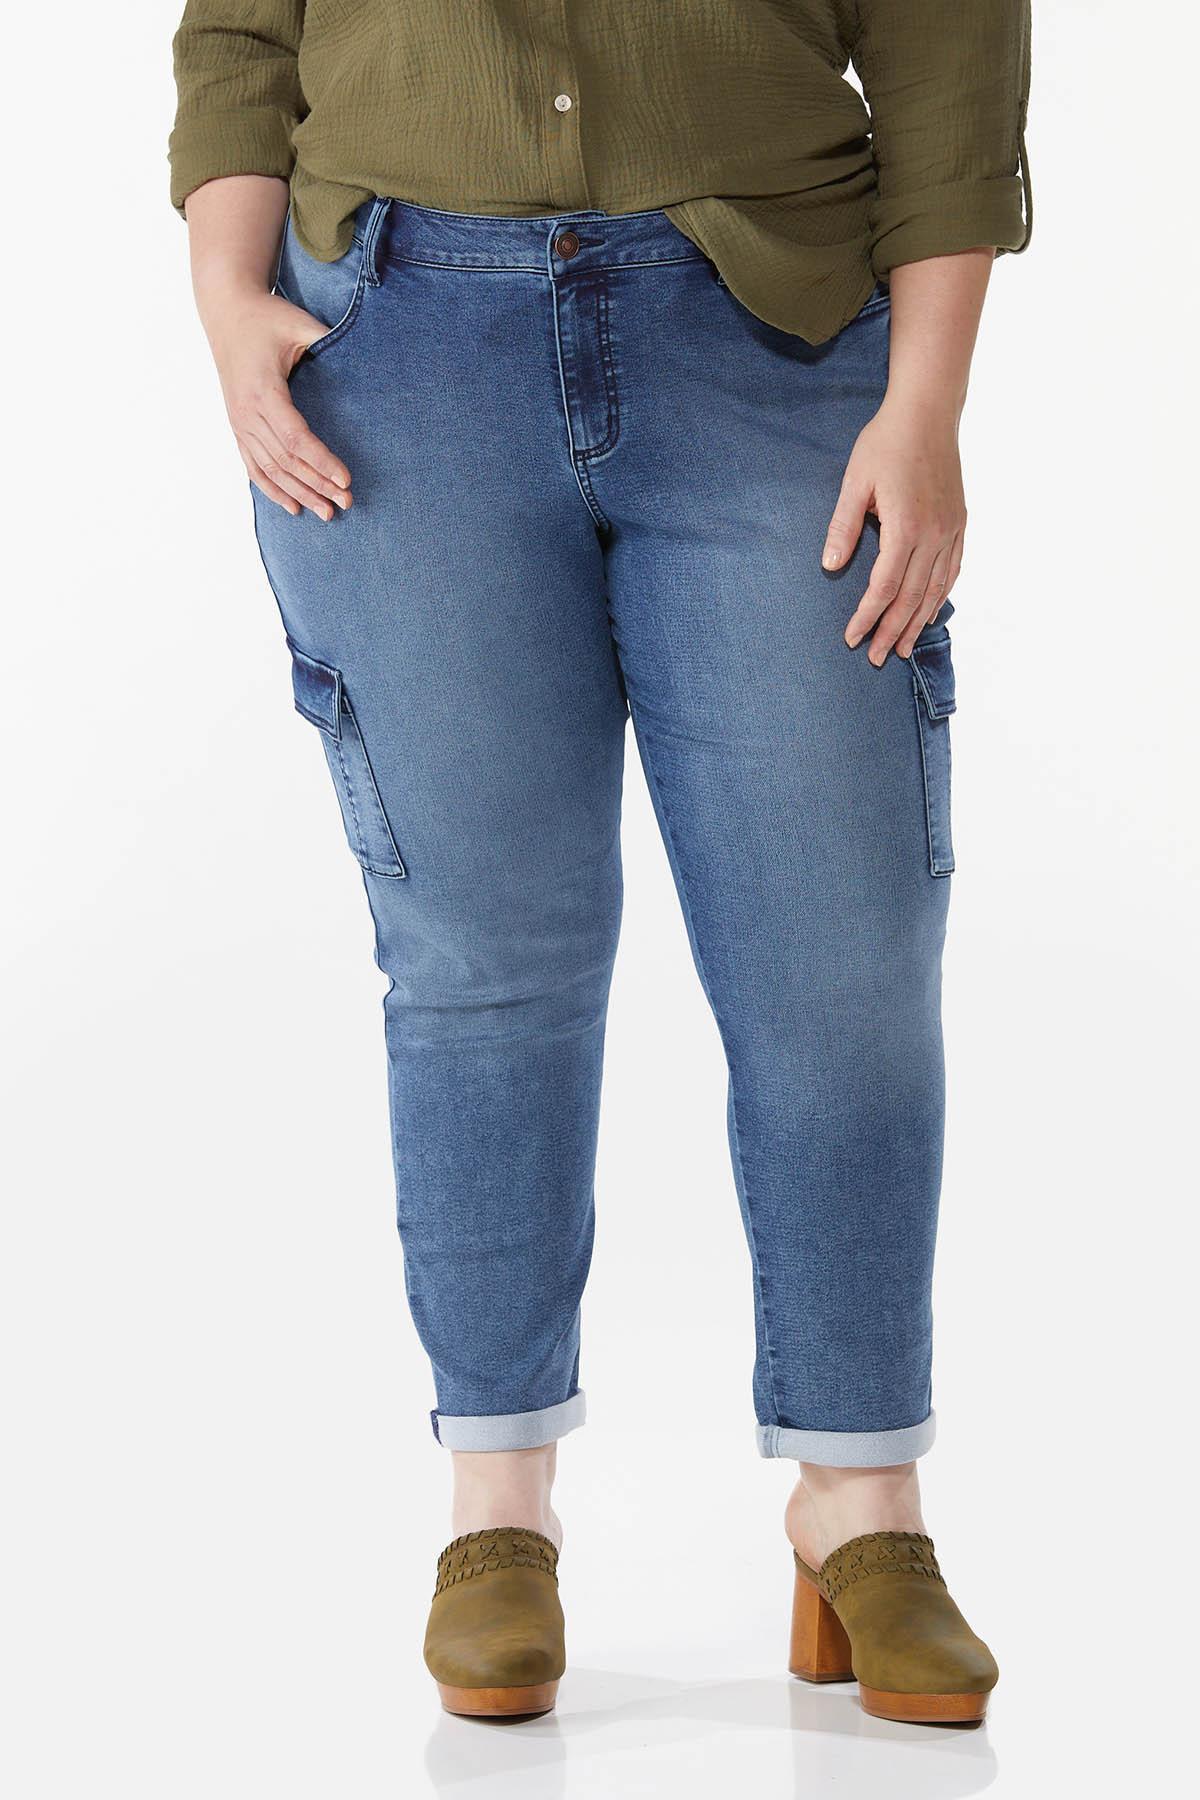 Plus Size Stretch Utility Jeans